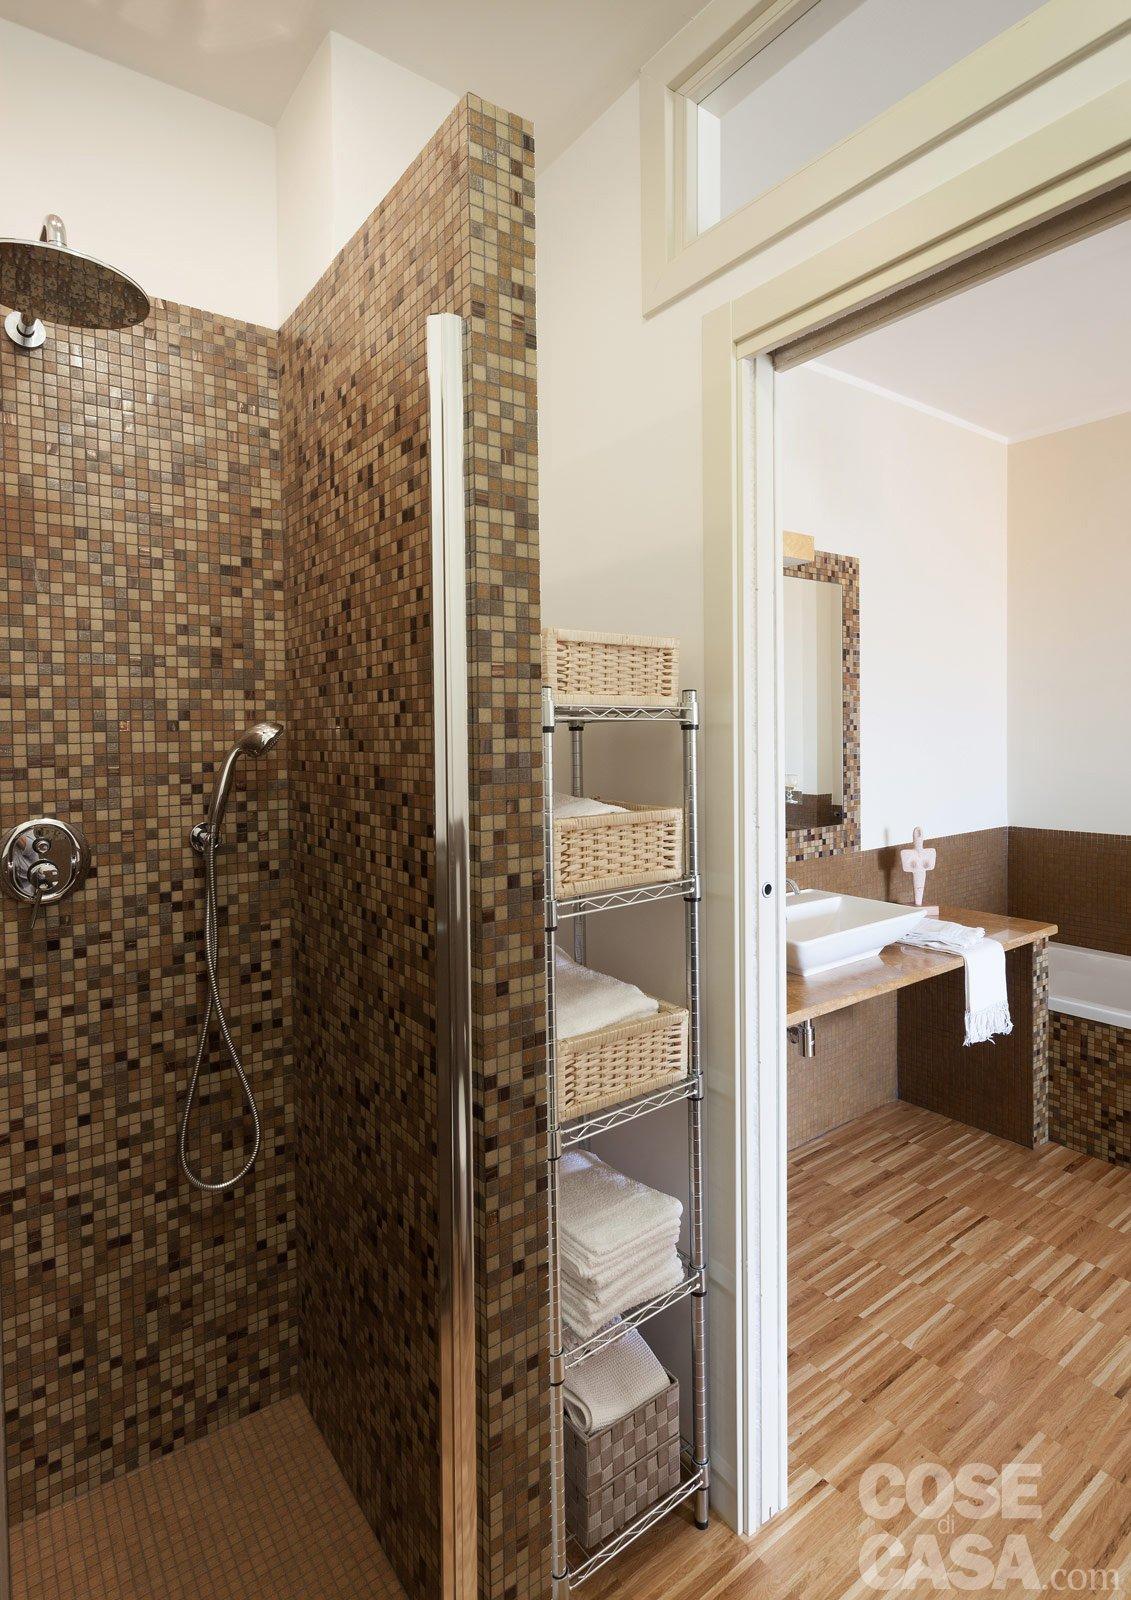 Elegant bagno in muratura la doccia moderna pictures to - Aspiratore bagno senza uscita esterna ...